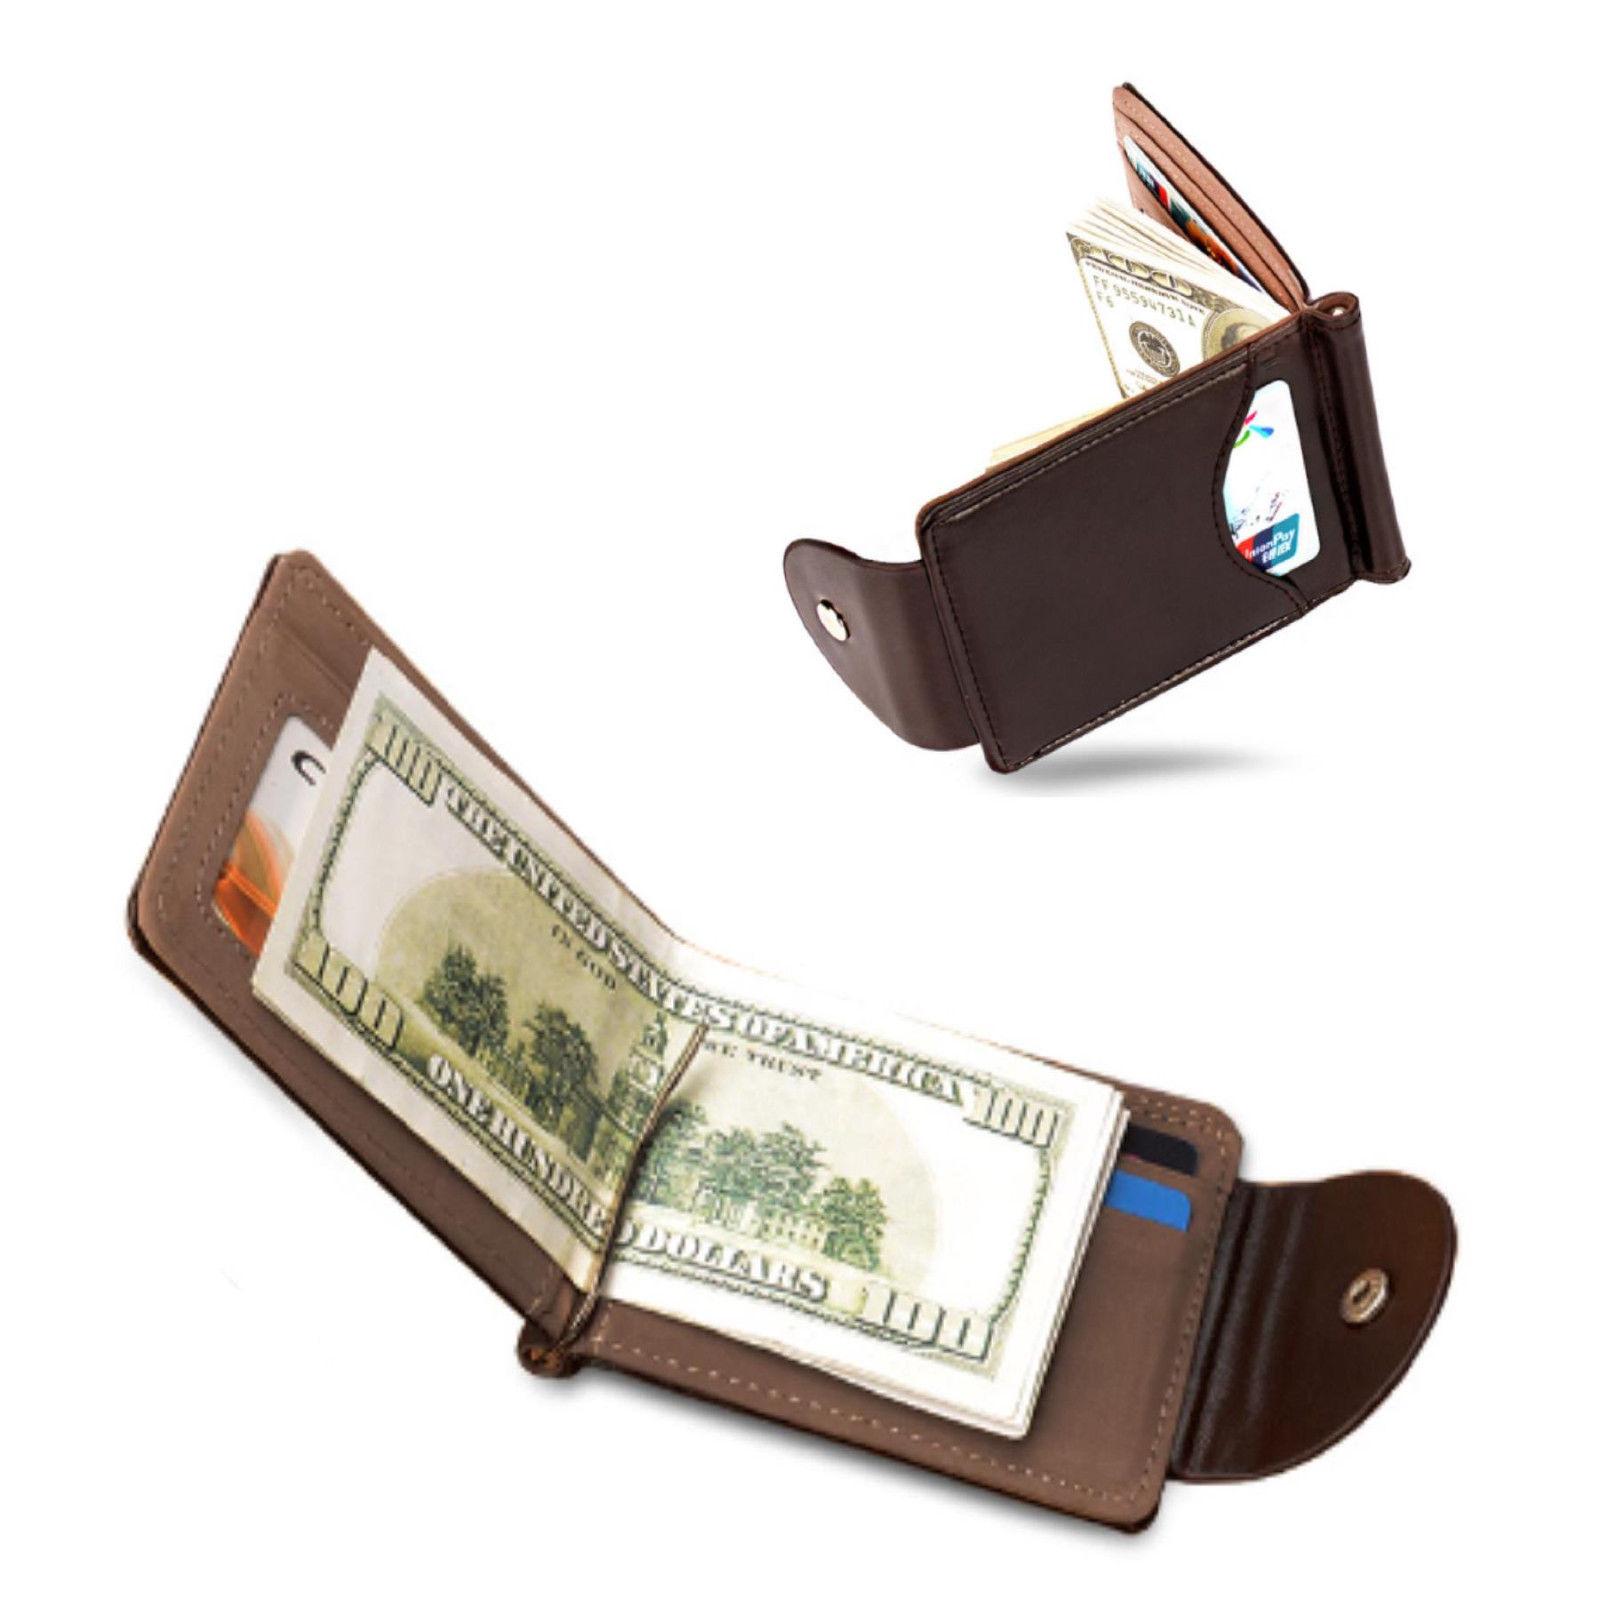 b92121ff81a71f Caratteristiche. Materiale: pelle; Modello : fermasoldi , porta carte di  credito